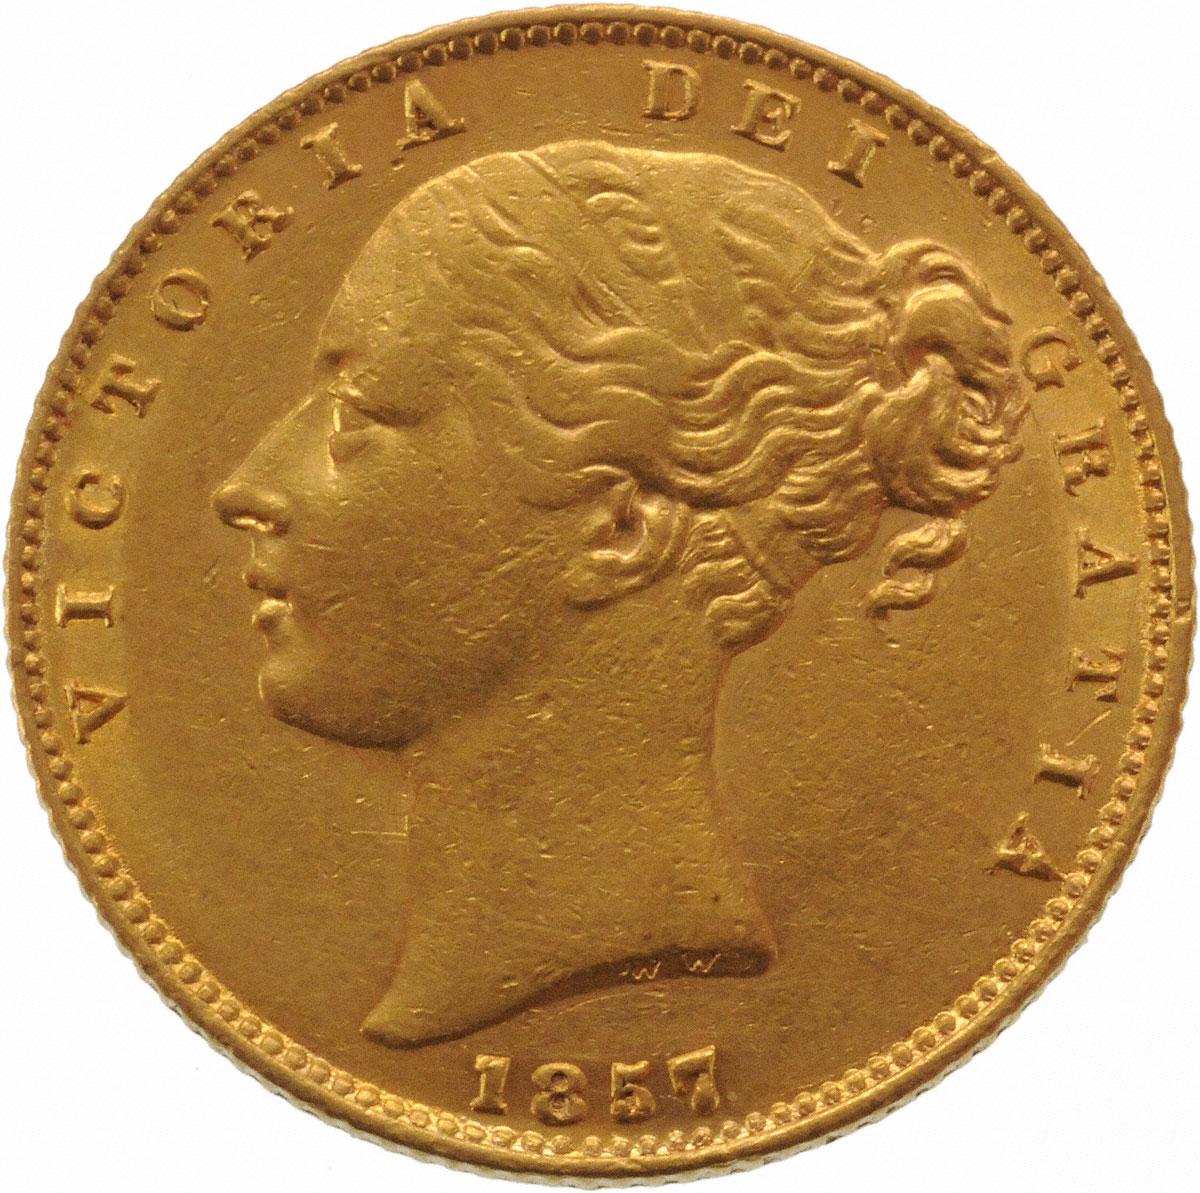 1857 Βικτώρια (Νομισματοκοπείο Λονδίνου)